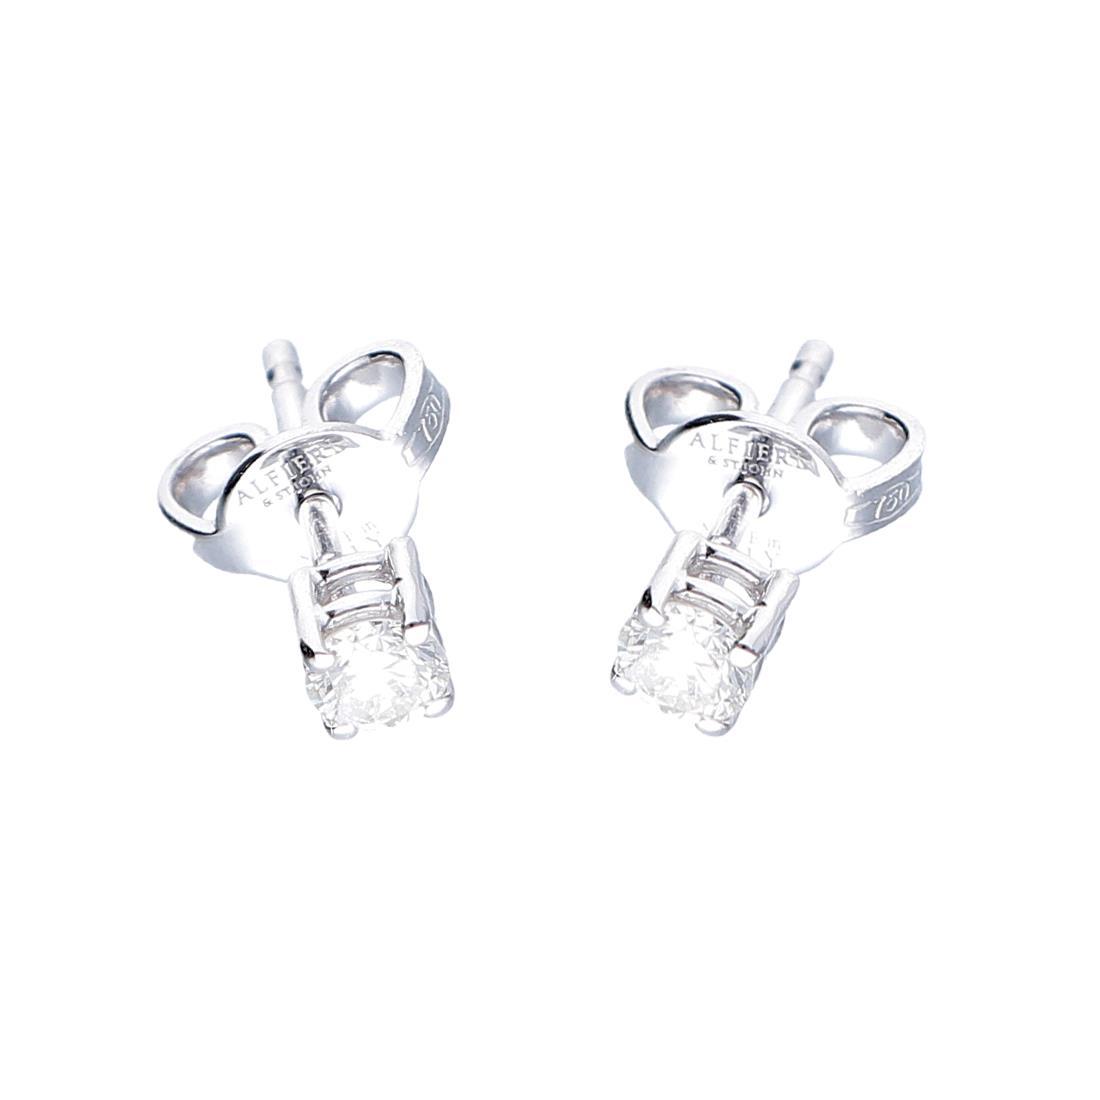 Orecchini punto luce con diamanti 0.40 ct - ALFIERI & ST. JOHN